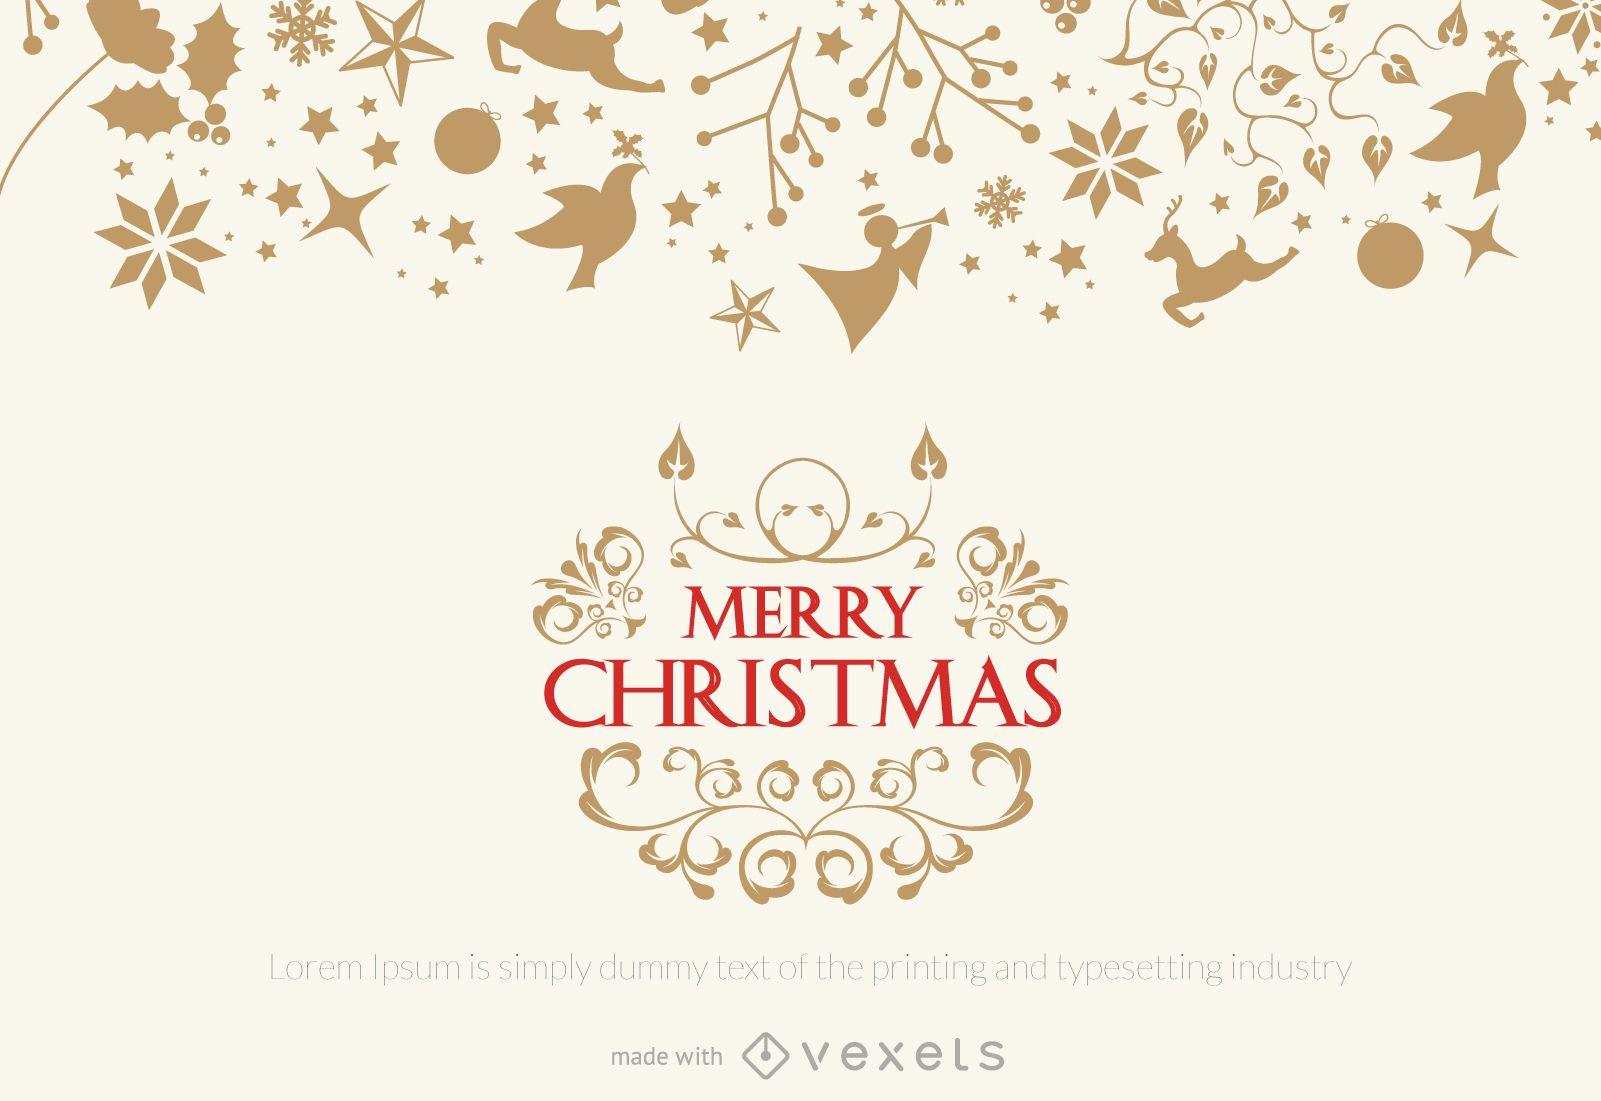 Creador de delicadas tarjetas de felicitaci?n navide?as